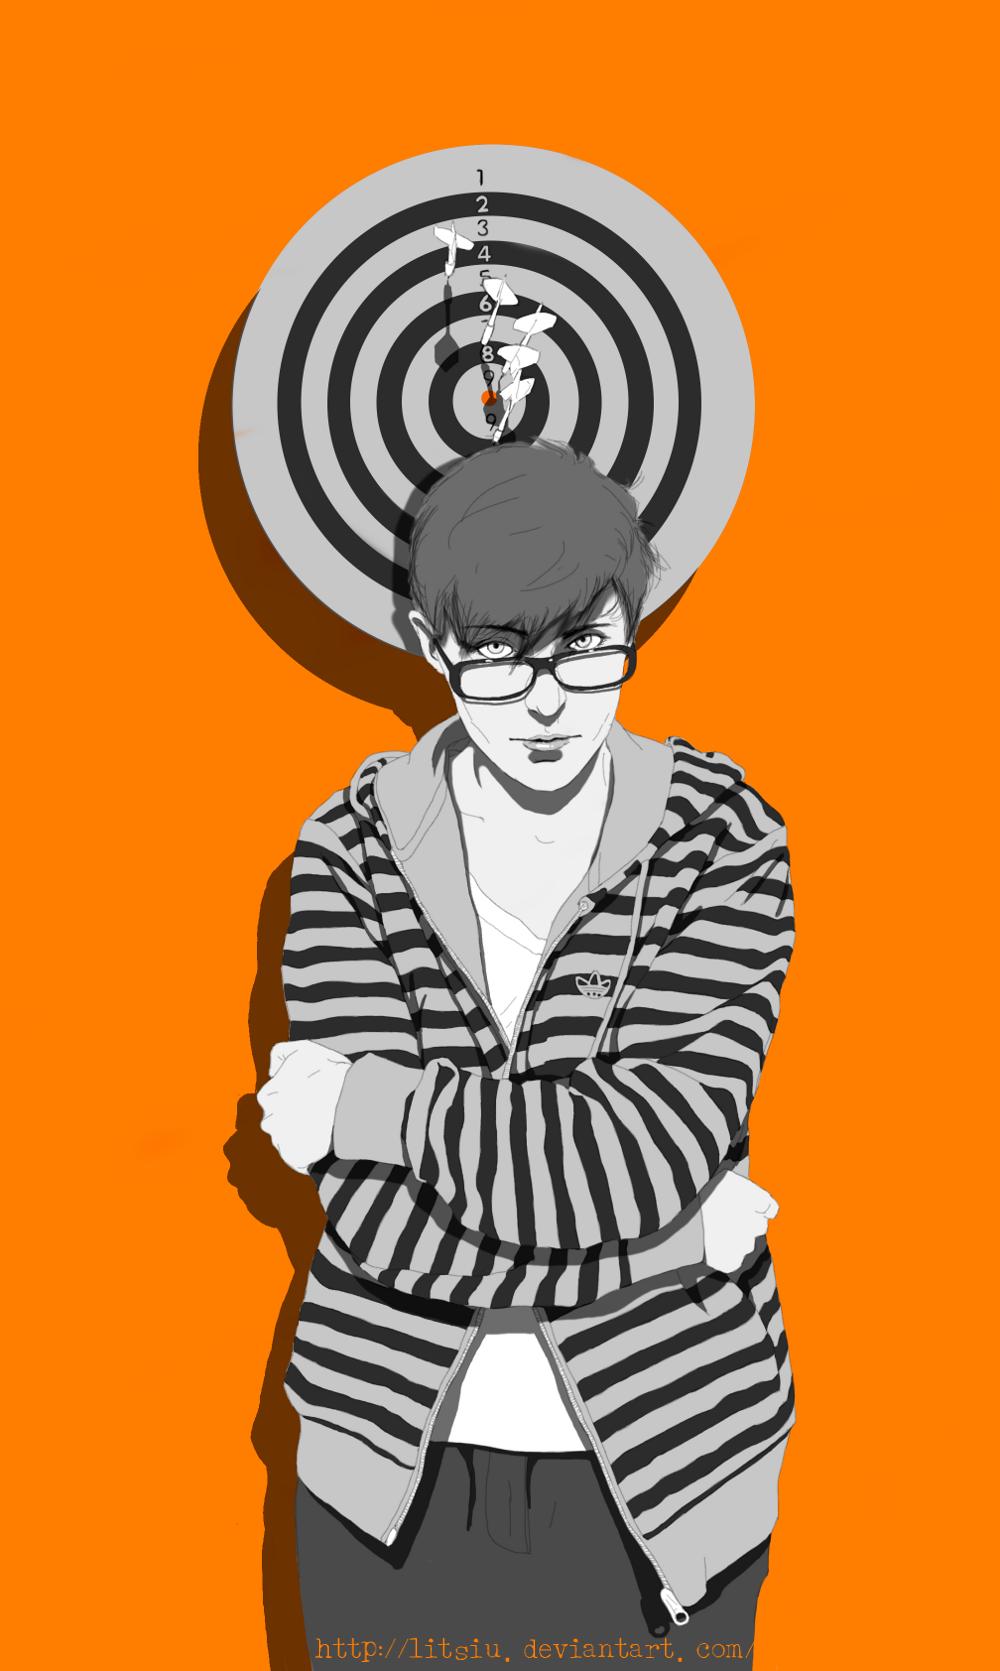 litsiu's Profile Picture